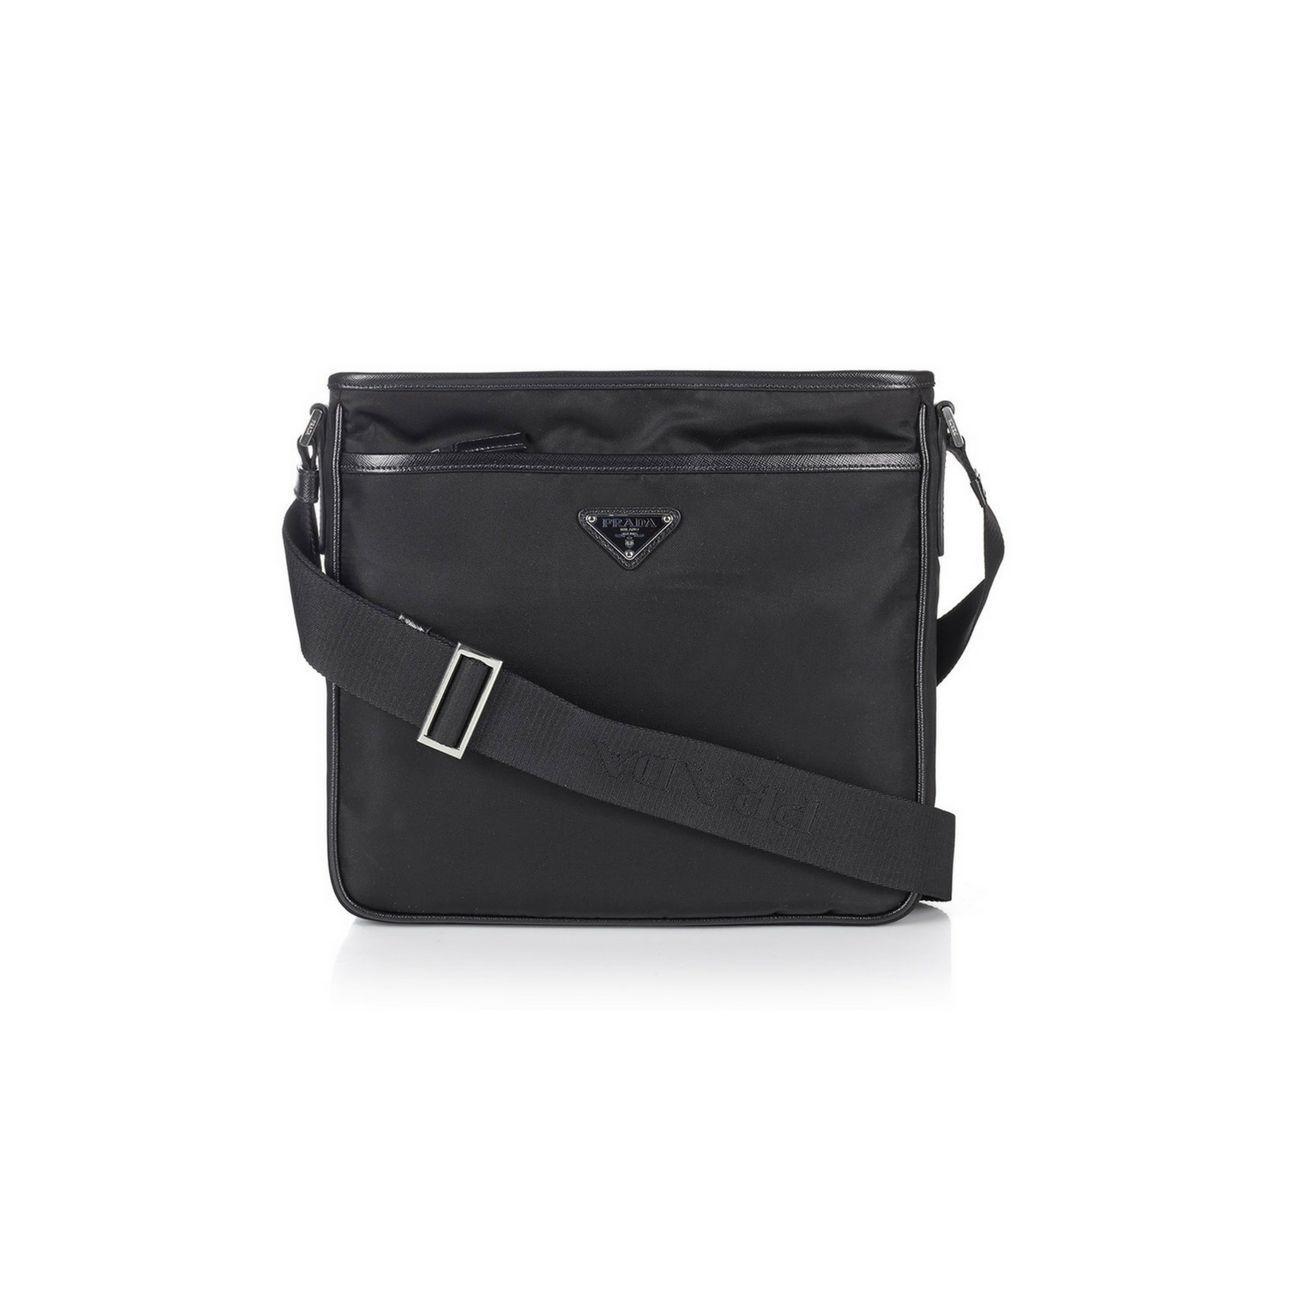 4be8a053 get mens prada messenger bag black 50c20 a5c3d